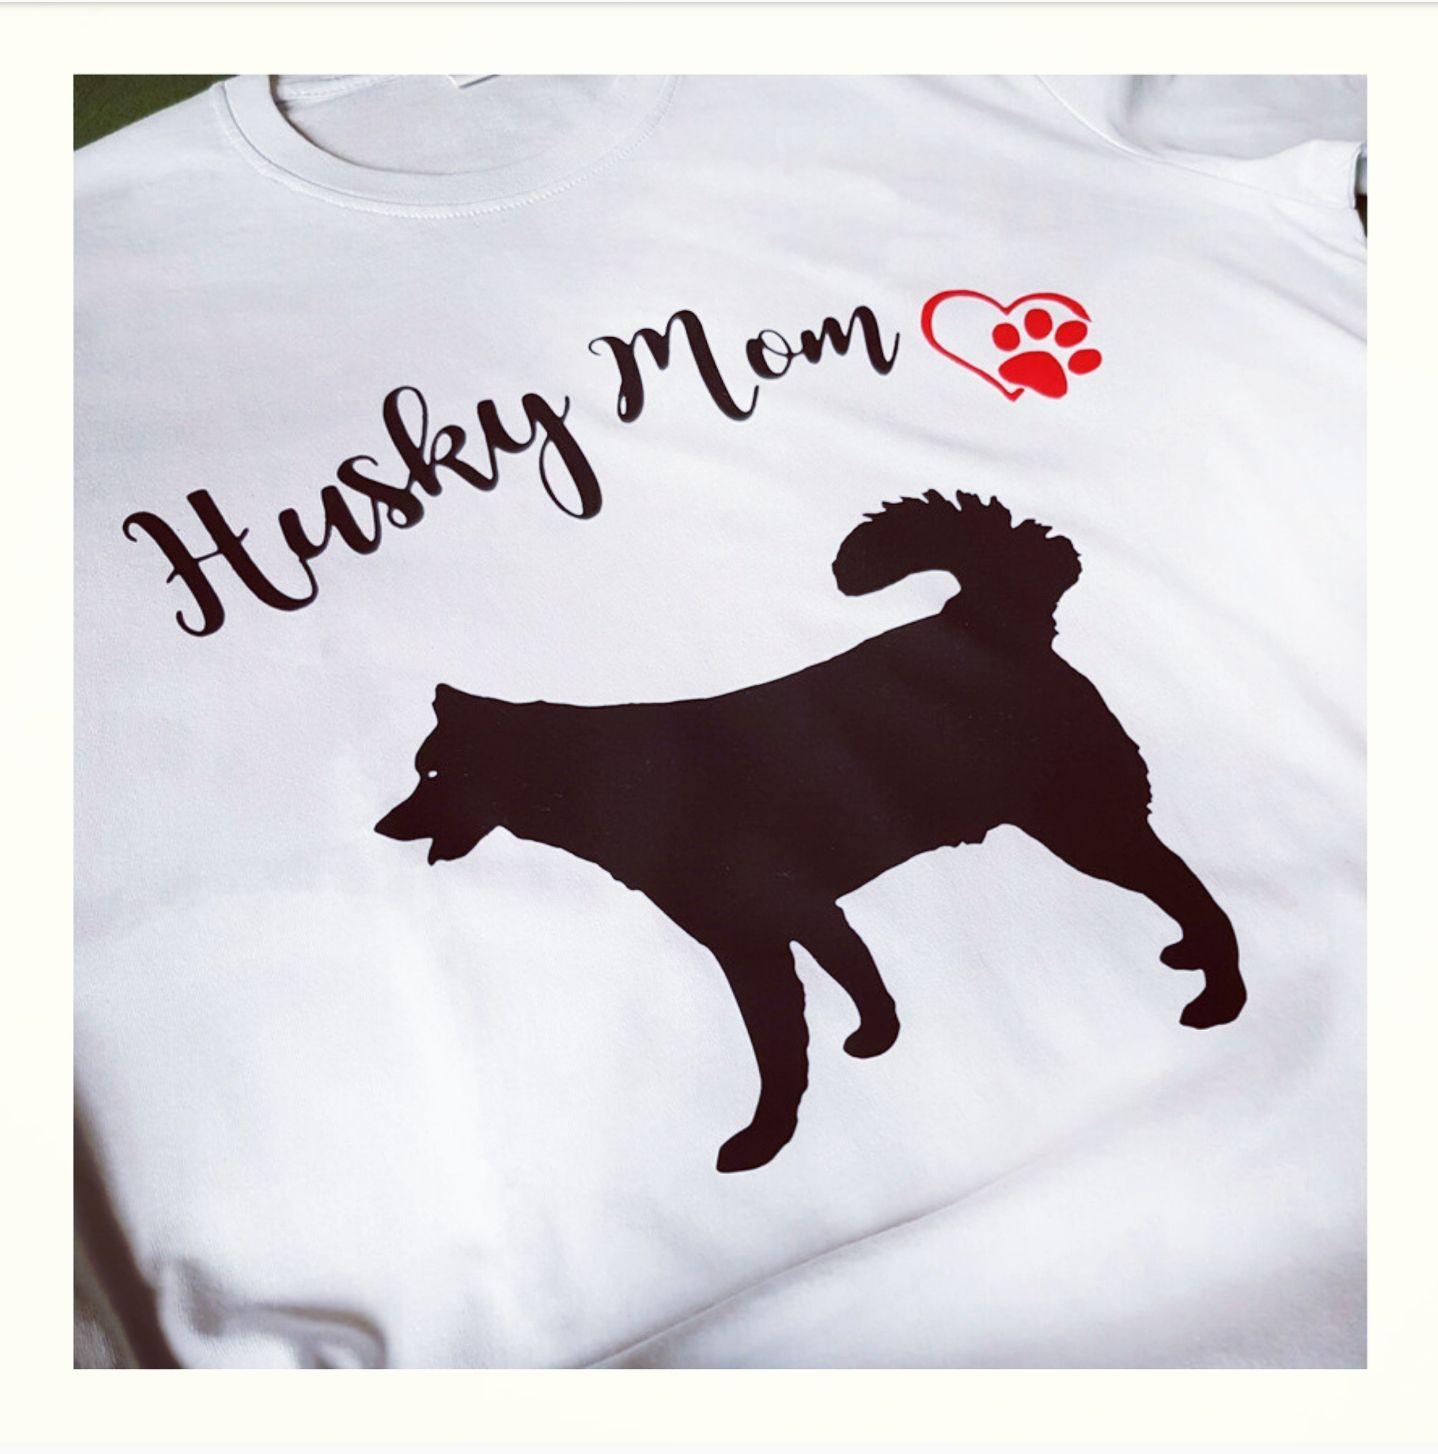 летняя футболки рисунком стильная домашняя собачья принтом horses crazy мамочка качество футболка собак одежда высокое модный любителям принт белая